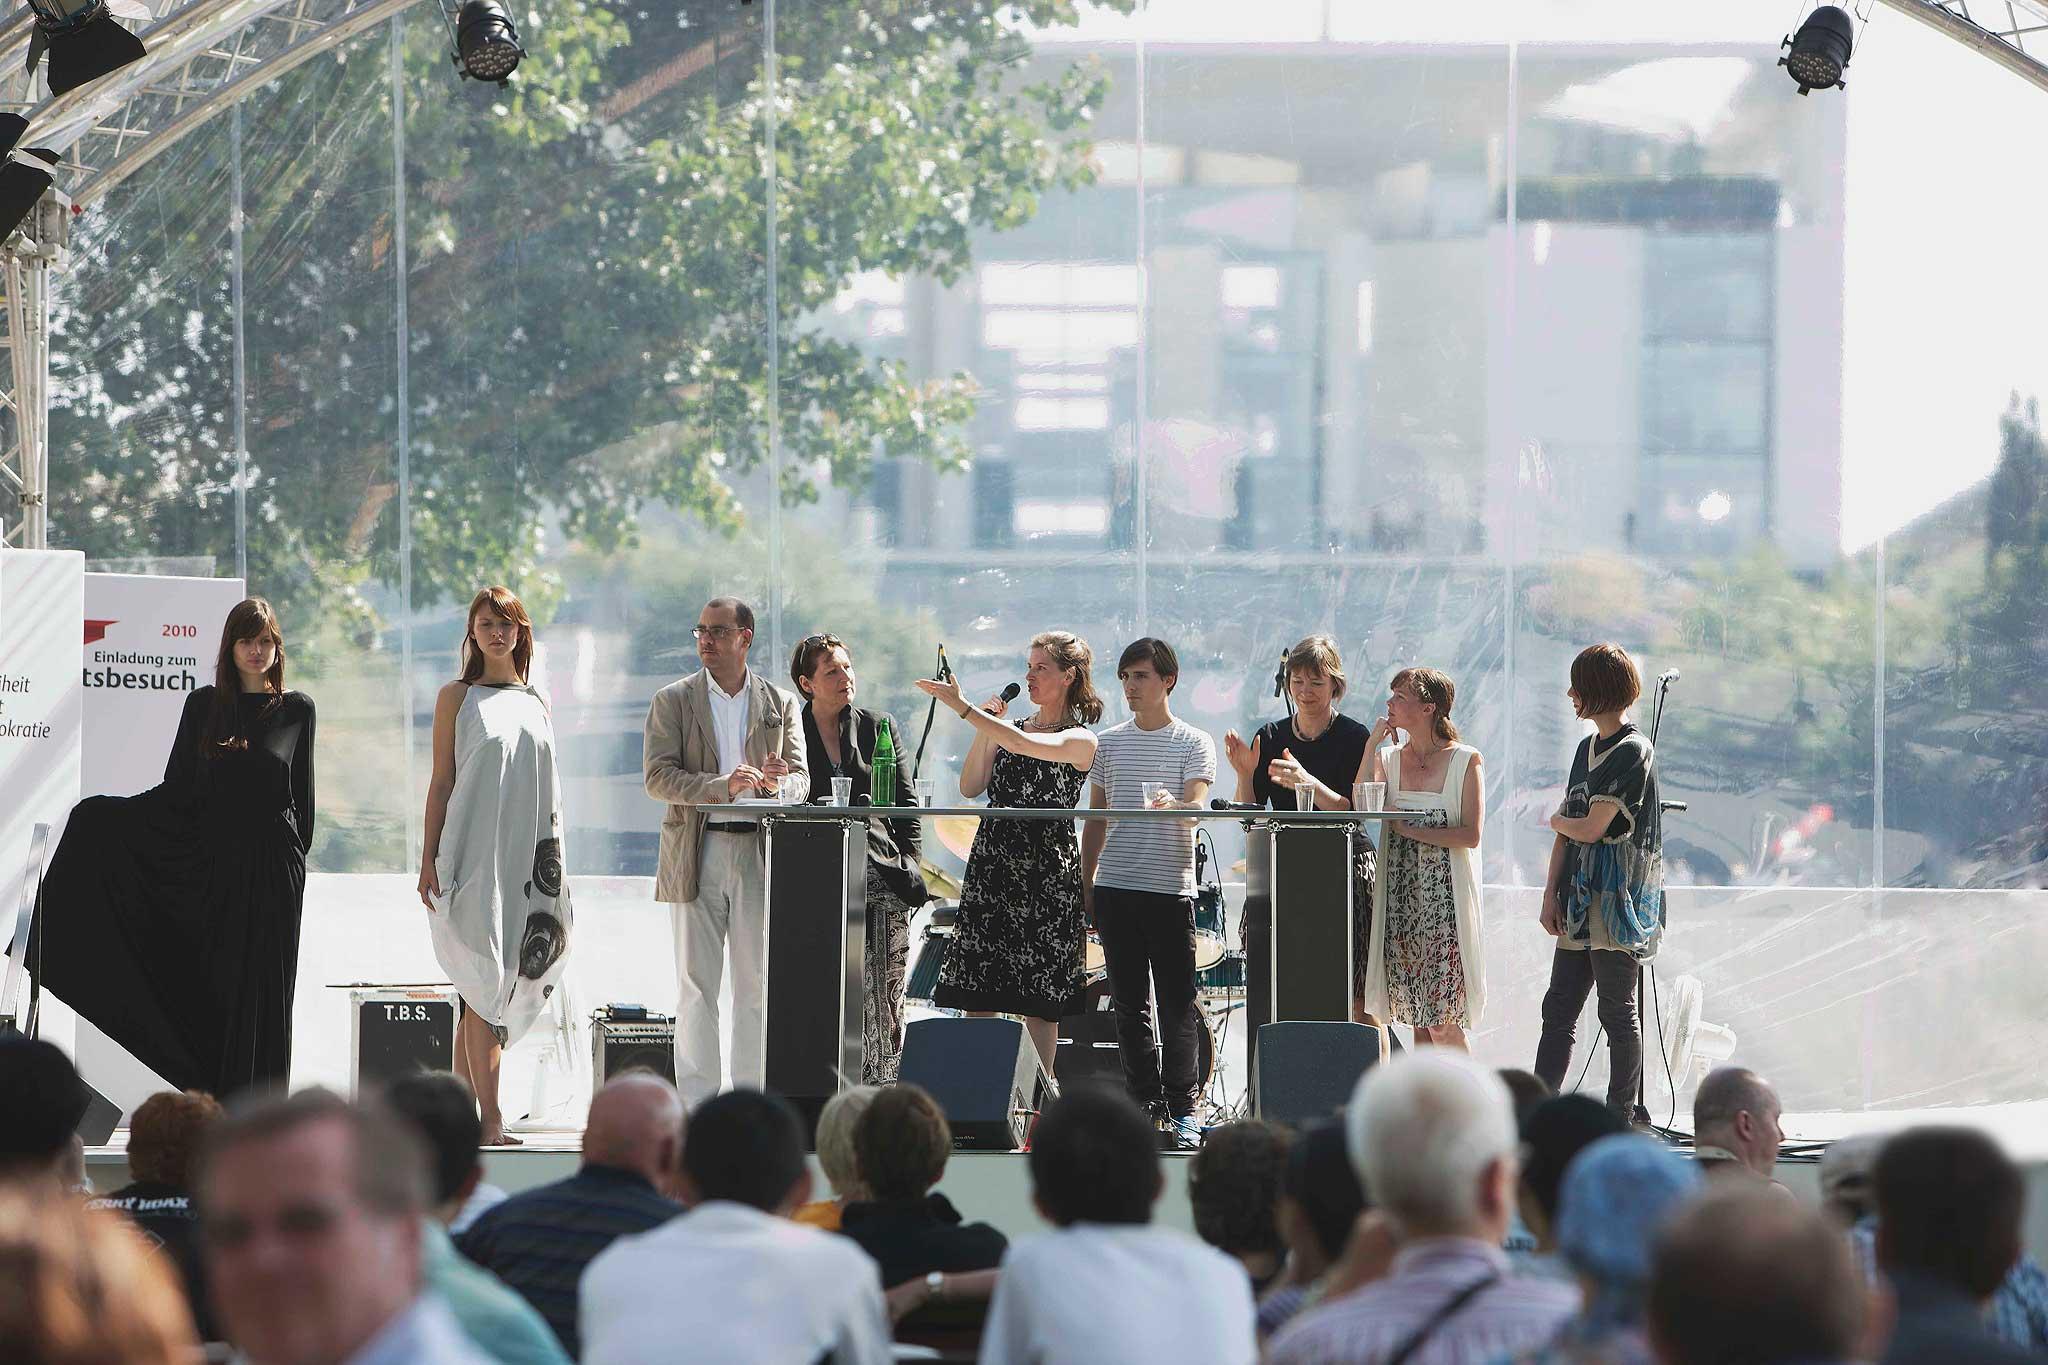 Wie sich die Einheit auf die Mode ausgewirkt hat, diskutierten am Tag der offenen Tür der Bundesregierung auf der Bühne im Kanzlerpark Modemacher und -experten.